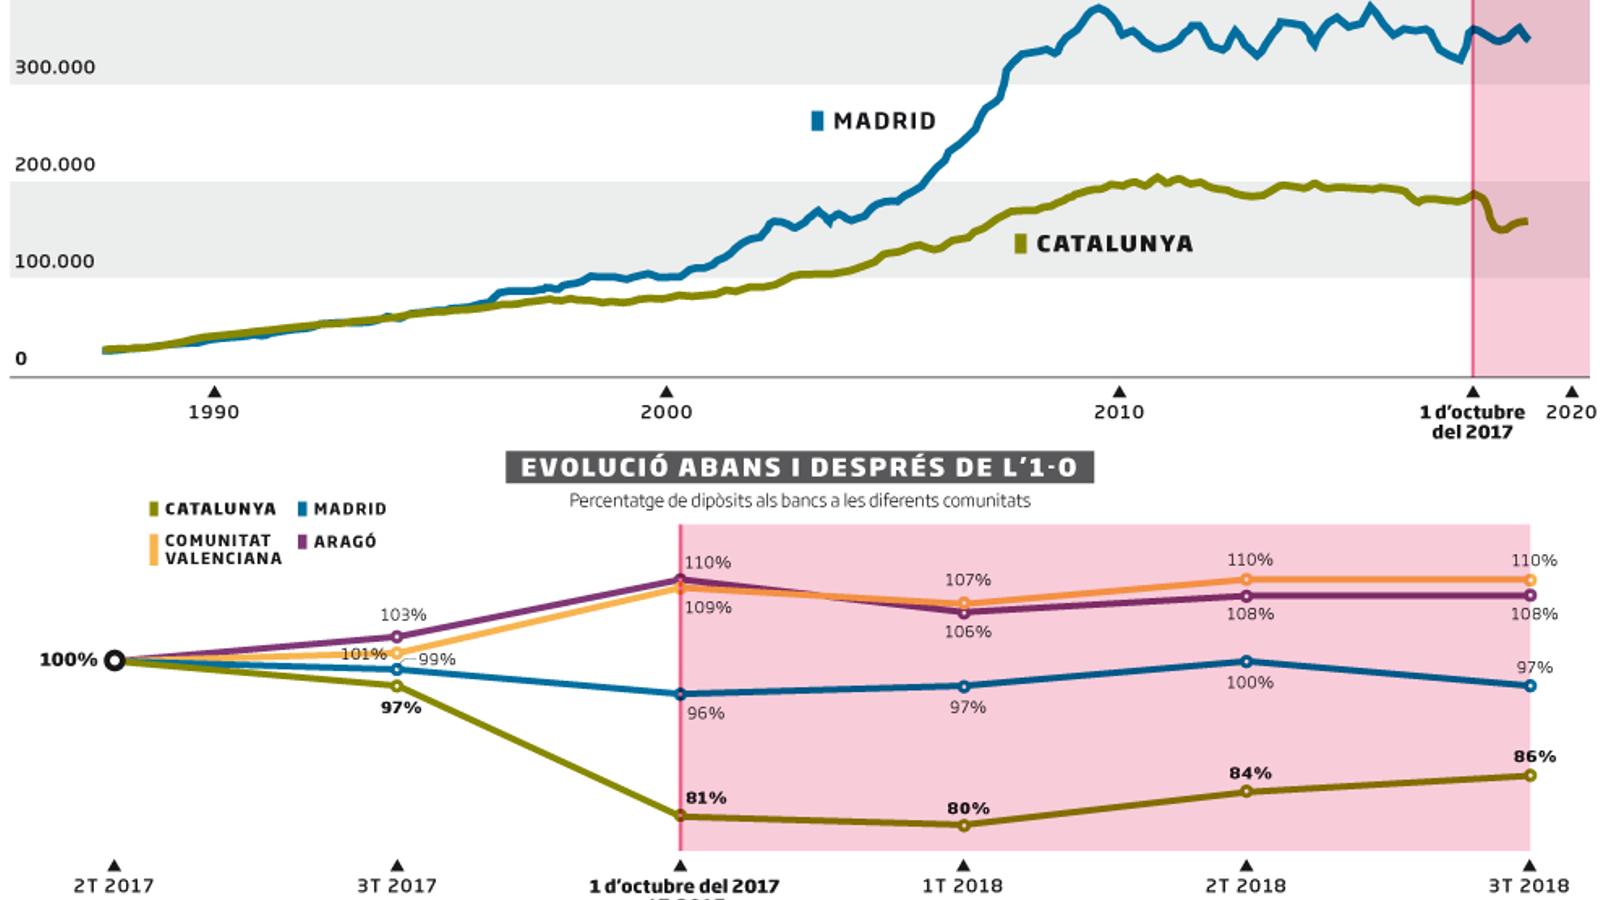 Els moviments de dipòsits bancaris durant els fets d'octubre del 2017